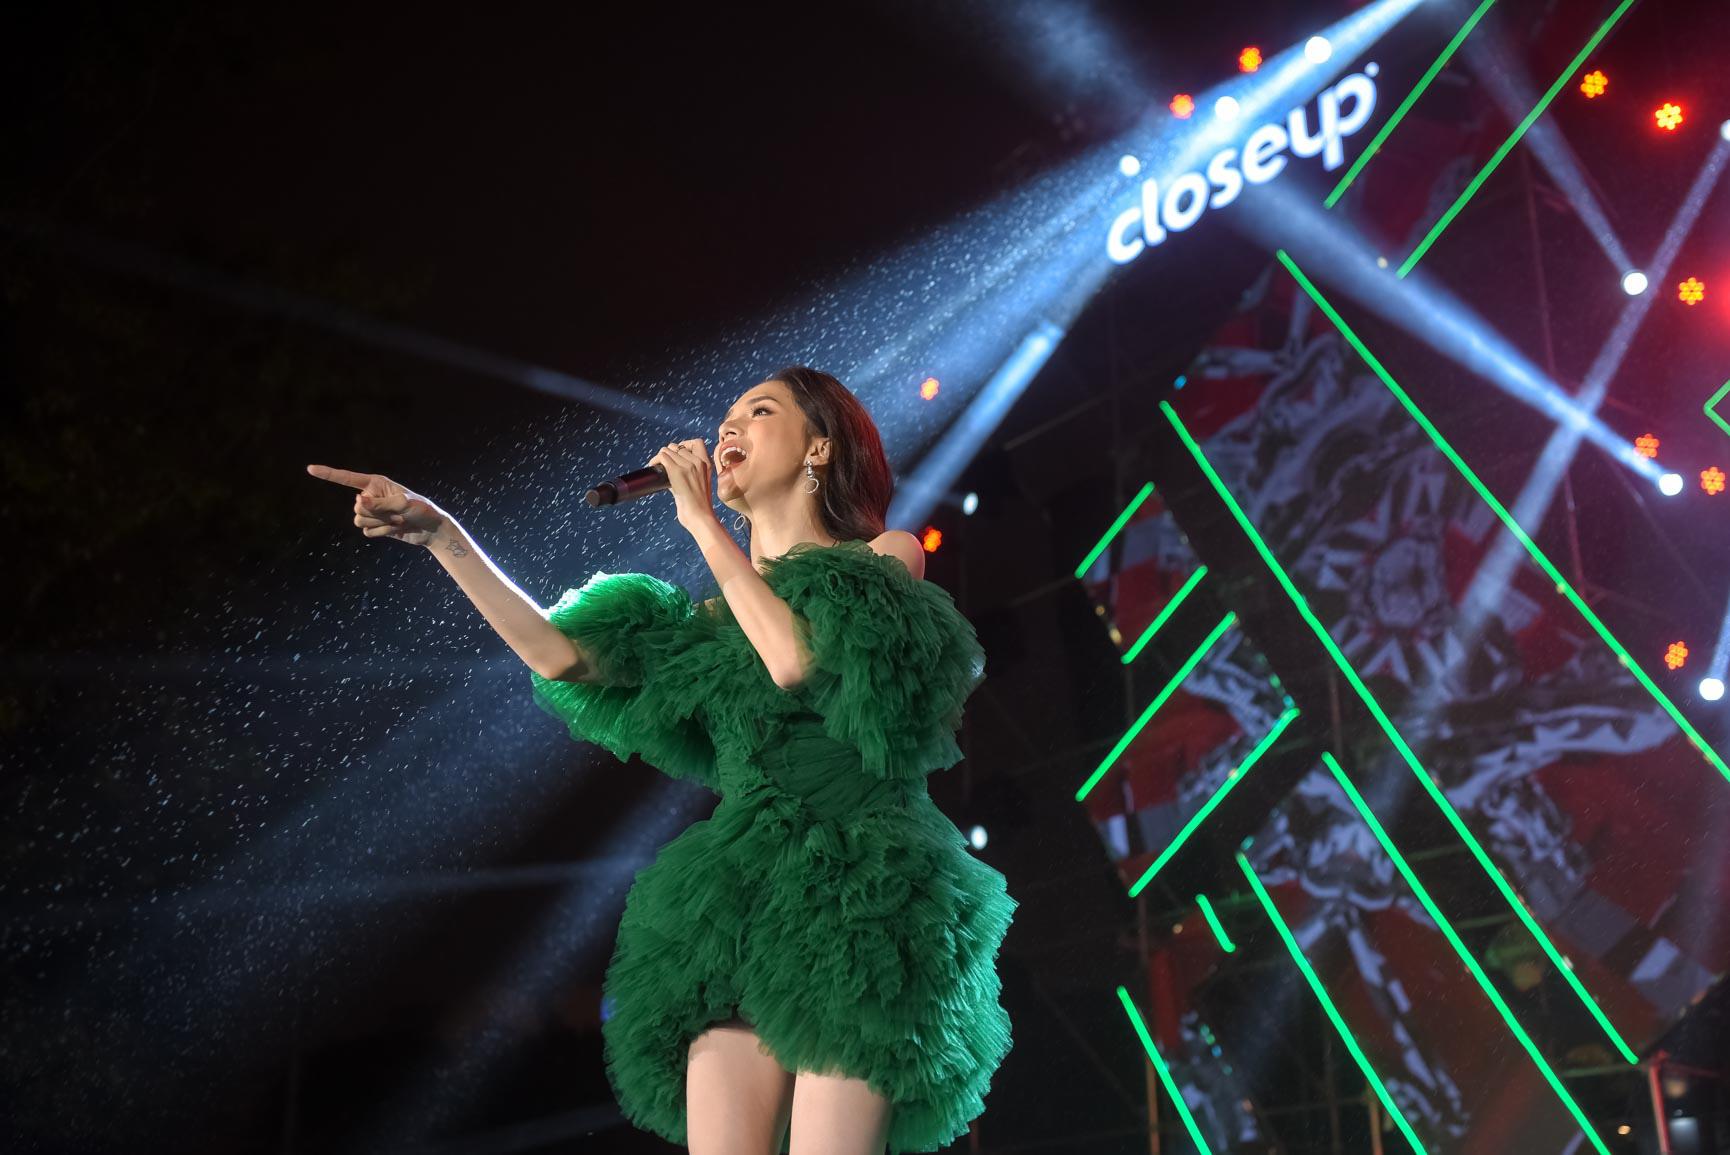 """Vừa xuất viện đã diễn cực """"sung"""", Hương Giang nhiệt tình cổ vũ quyền tự do yêu của giới trẻ cùng dàn sao Vpop - Ảnh 4."""